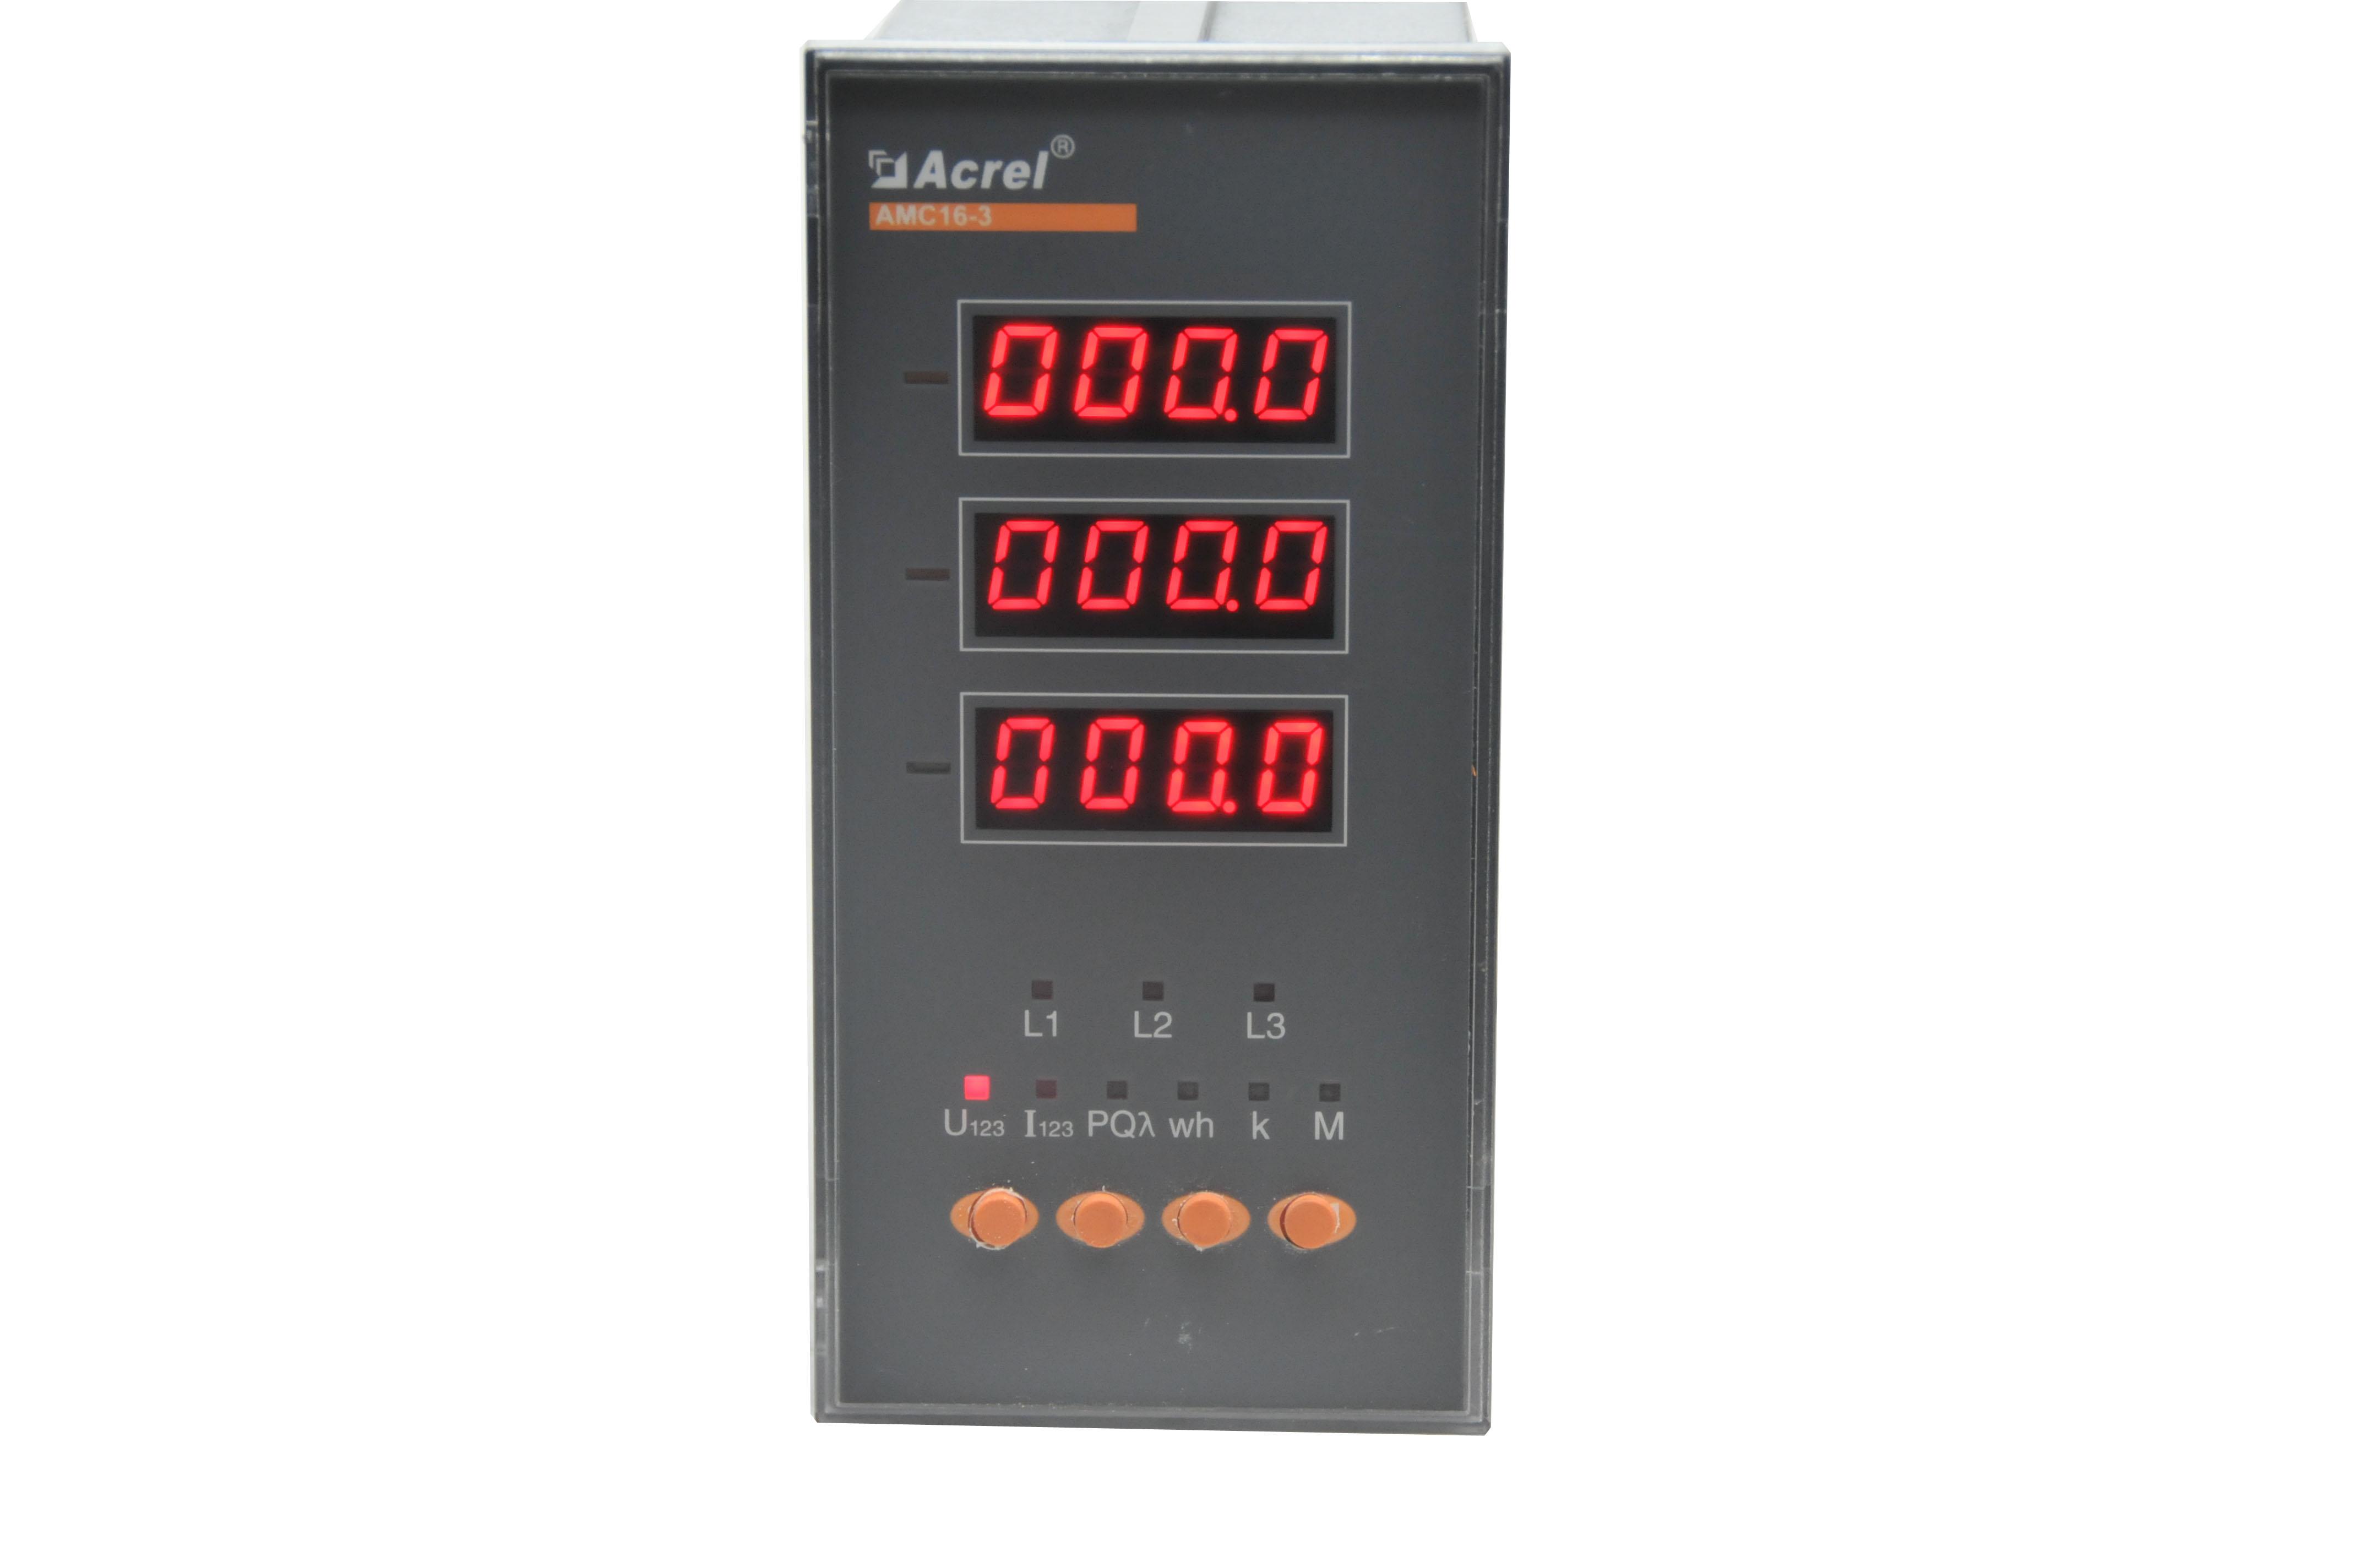 百家樂網頁遊戲AMC16-1I6/K多回路電流監控裝置,12路開關量輸入,1路輸出